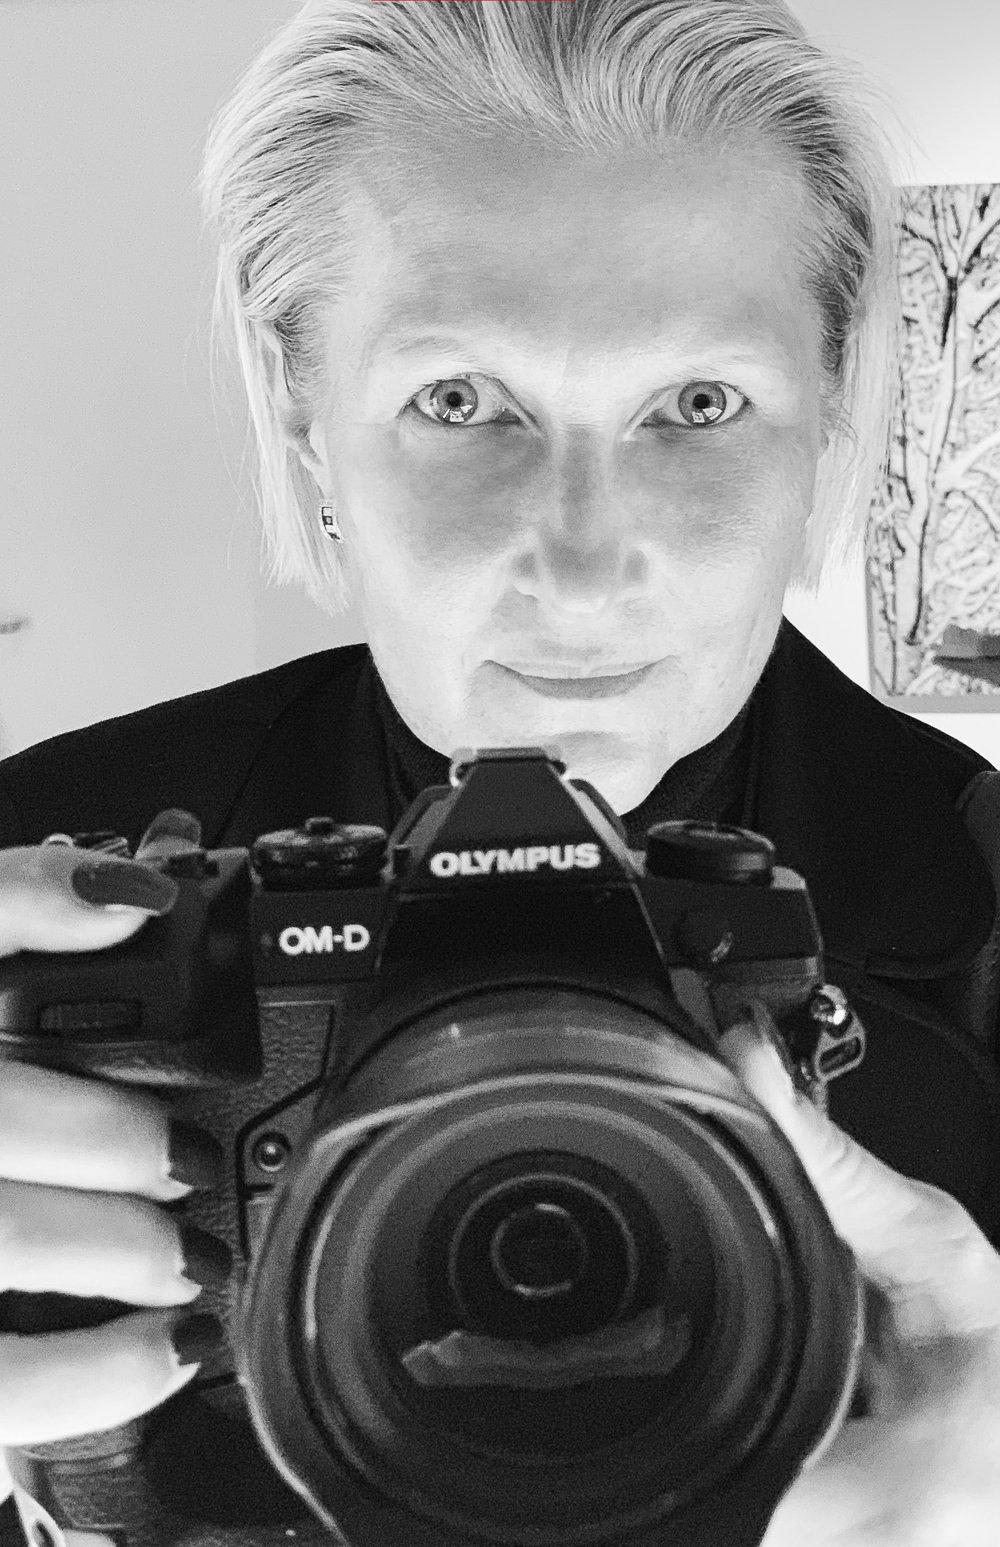 FORTOCULT Herausgeberin Nadja Gusenbauer mit der der neuen OLYMPUS OM-D E-M1X